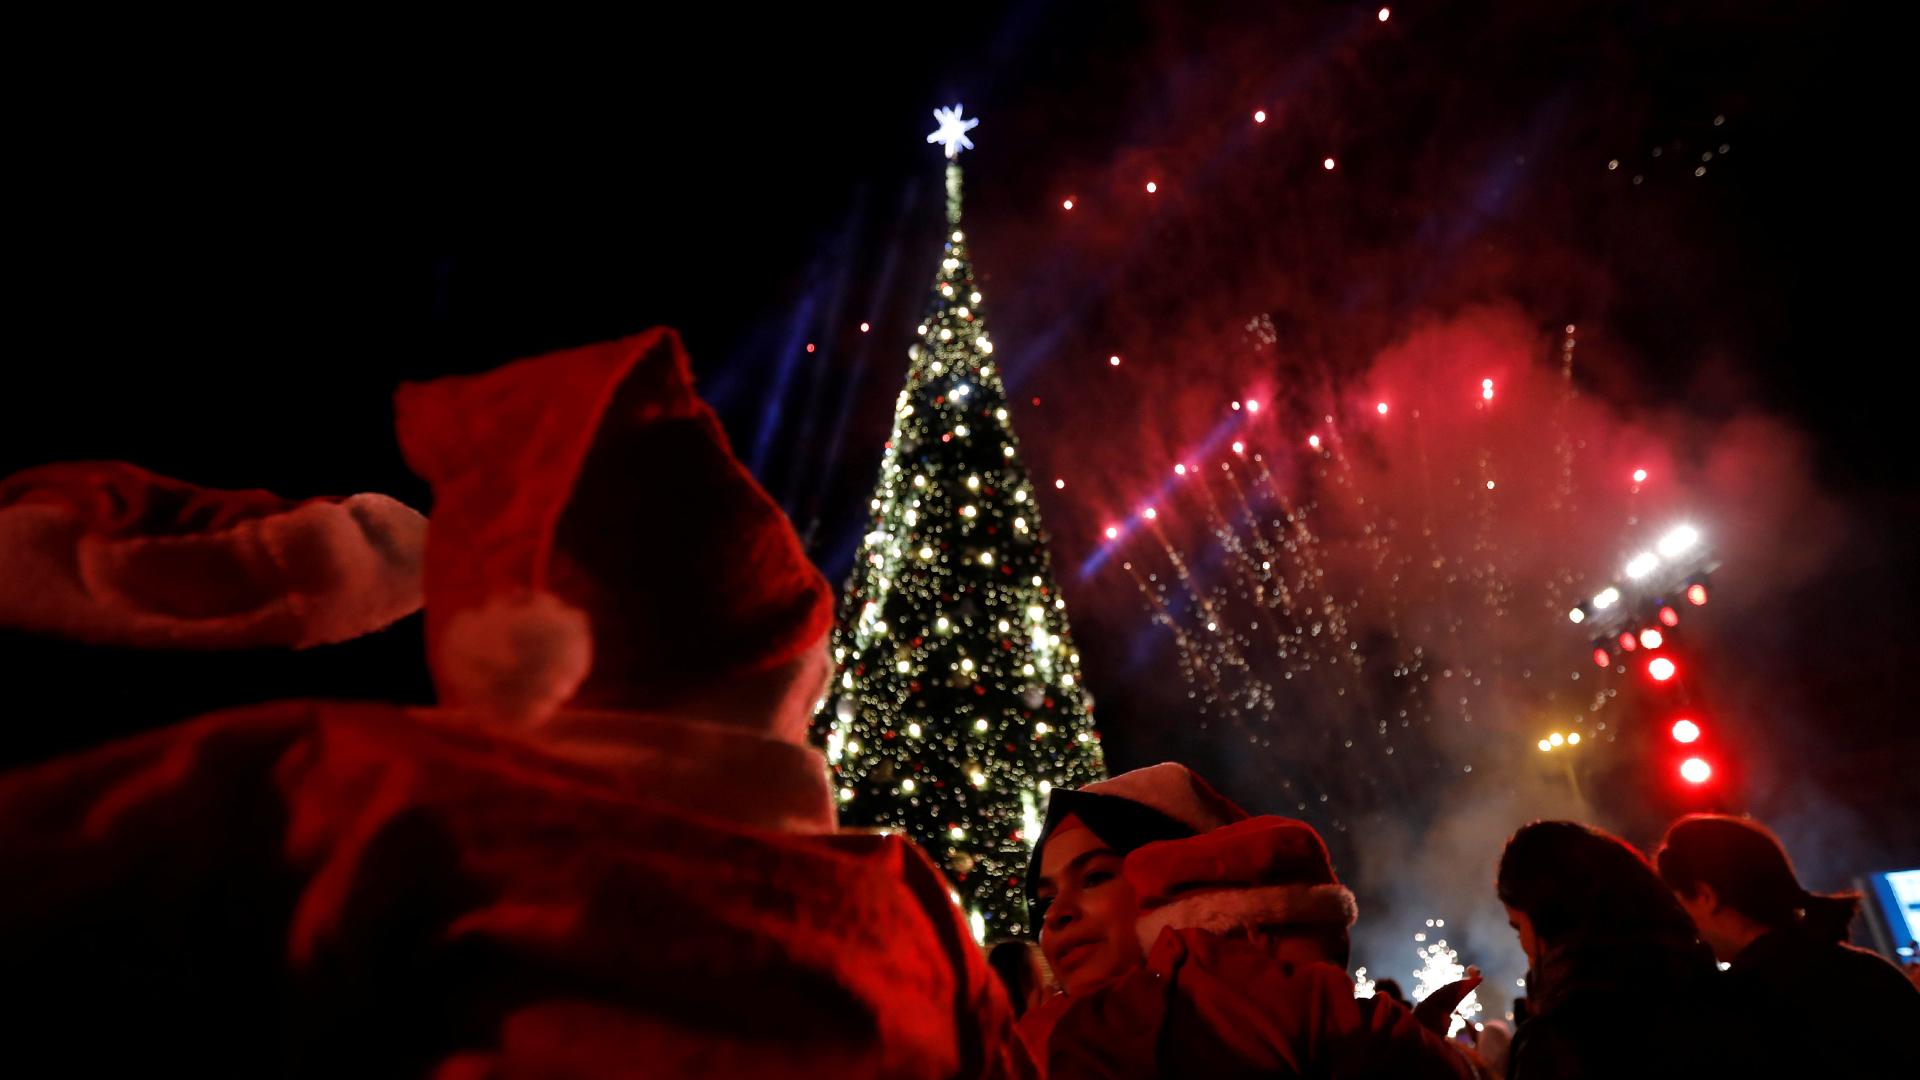 La gente observa los fuegos artificiales con motivo de la Navidad en Beirut, El Líbano (Reuters)